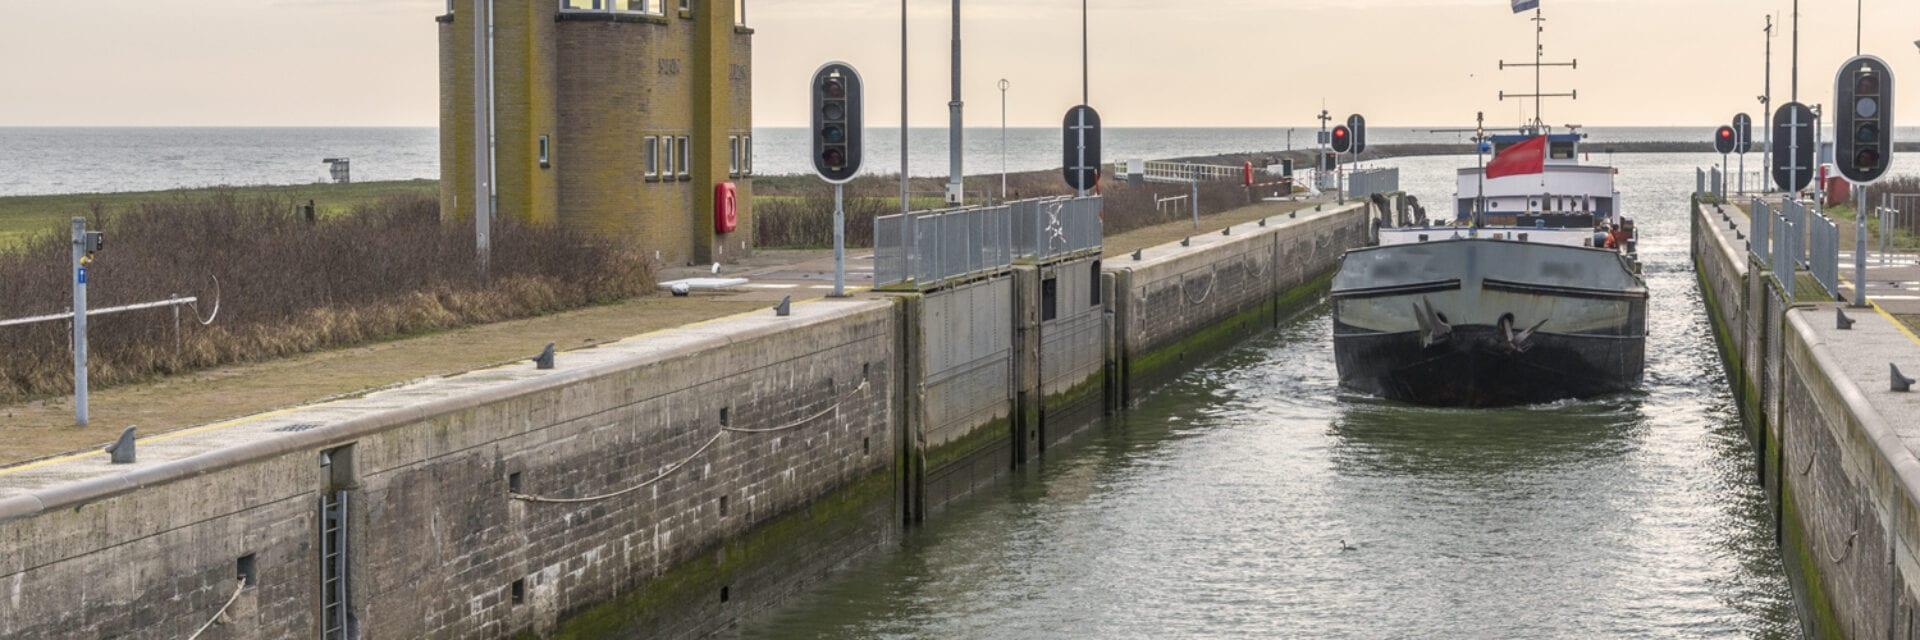 Wij kijken vanaf de kant op de sluizen. In de sluis vaart een witte boot en aan de rechterkant, op de kade, zie je een gebouwtje. Aan het einde zie je het water van het IJsselmeer.